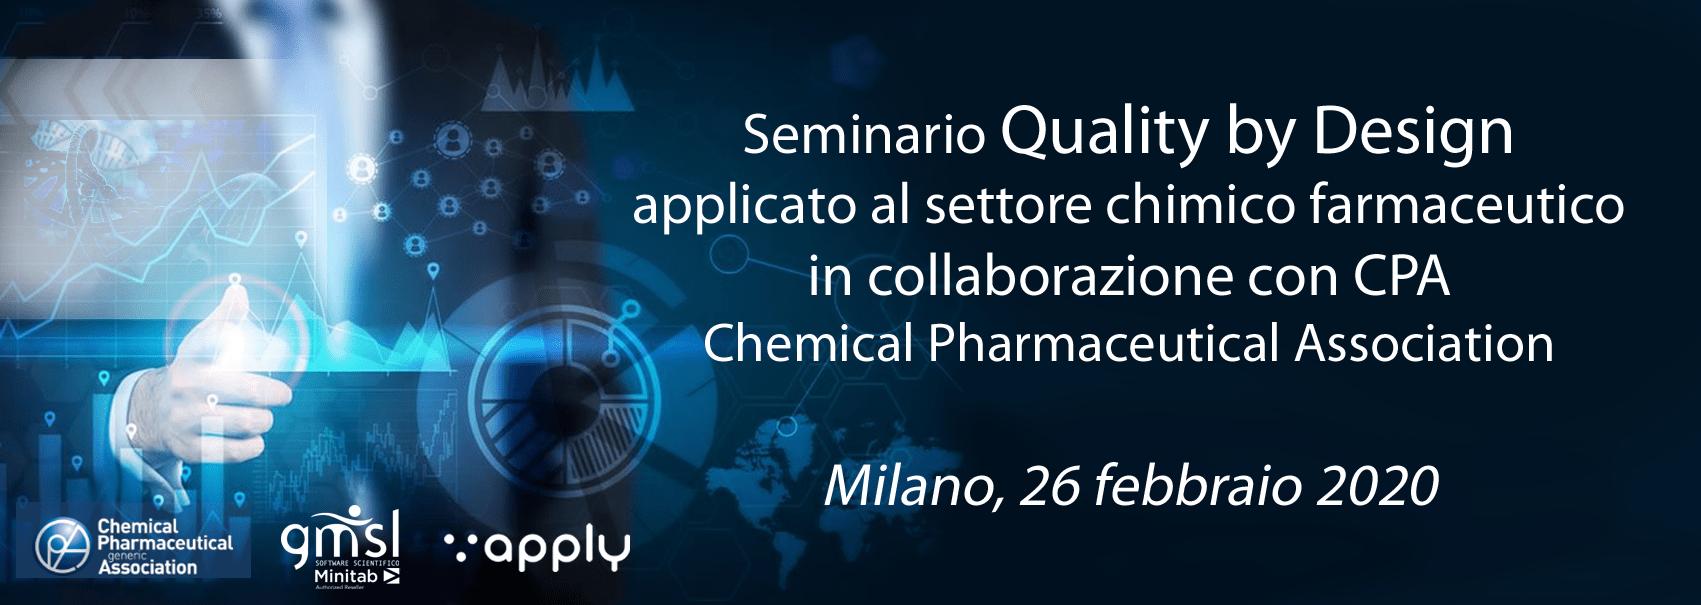 2020_02_CPA Minitab   Seminario Quality by Design per il settore chimico farmaceutico, in collaborazione con CPA